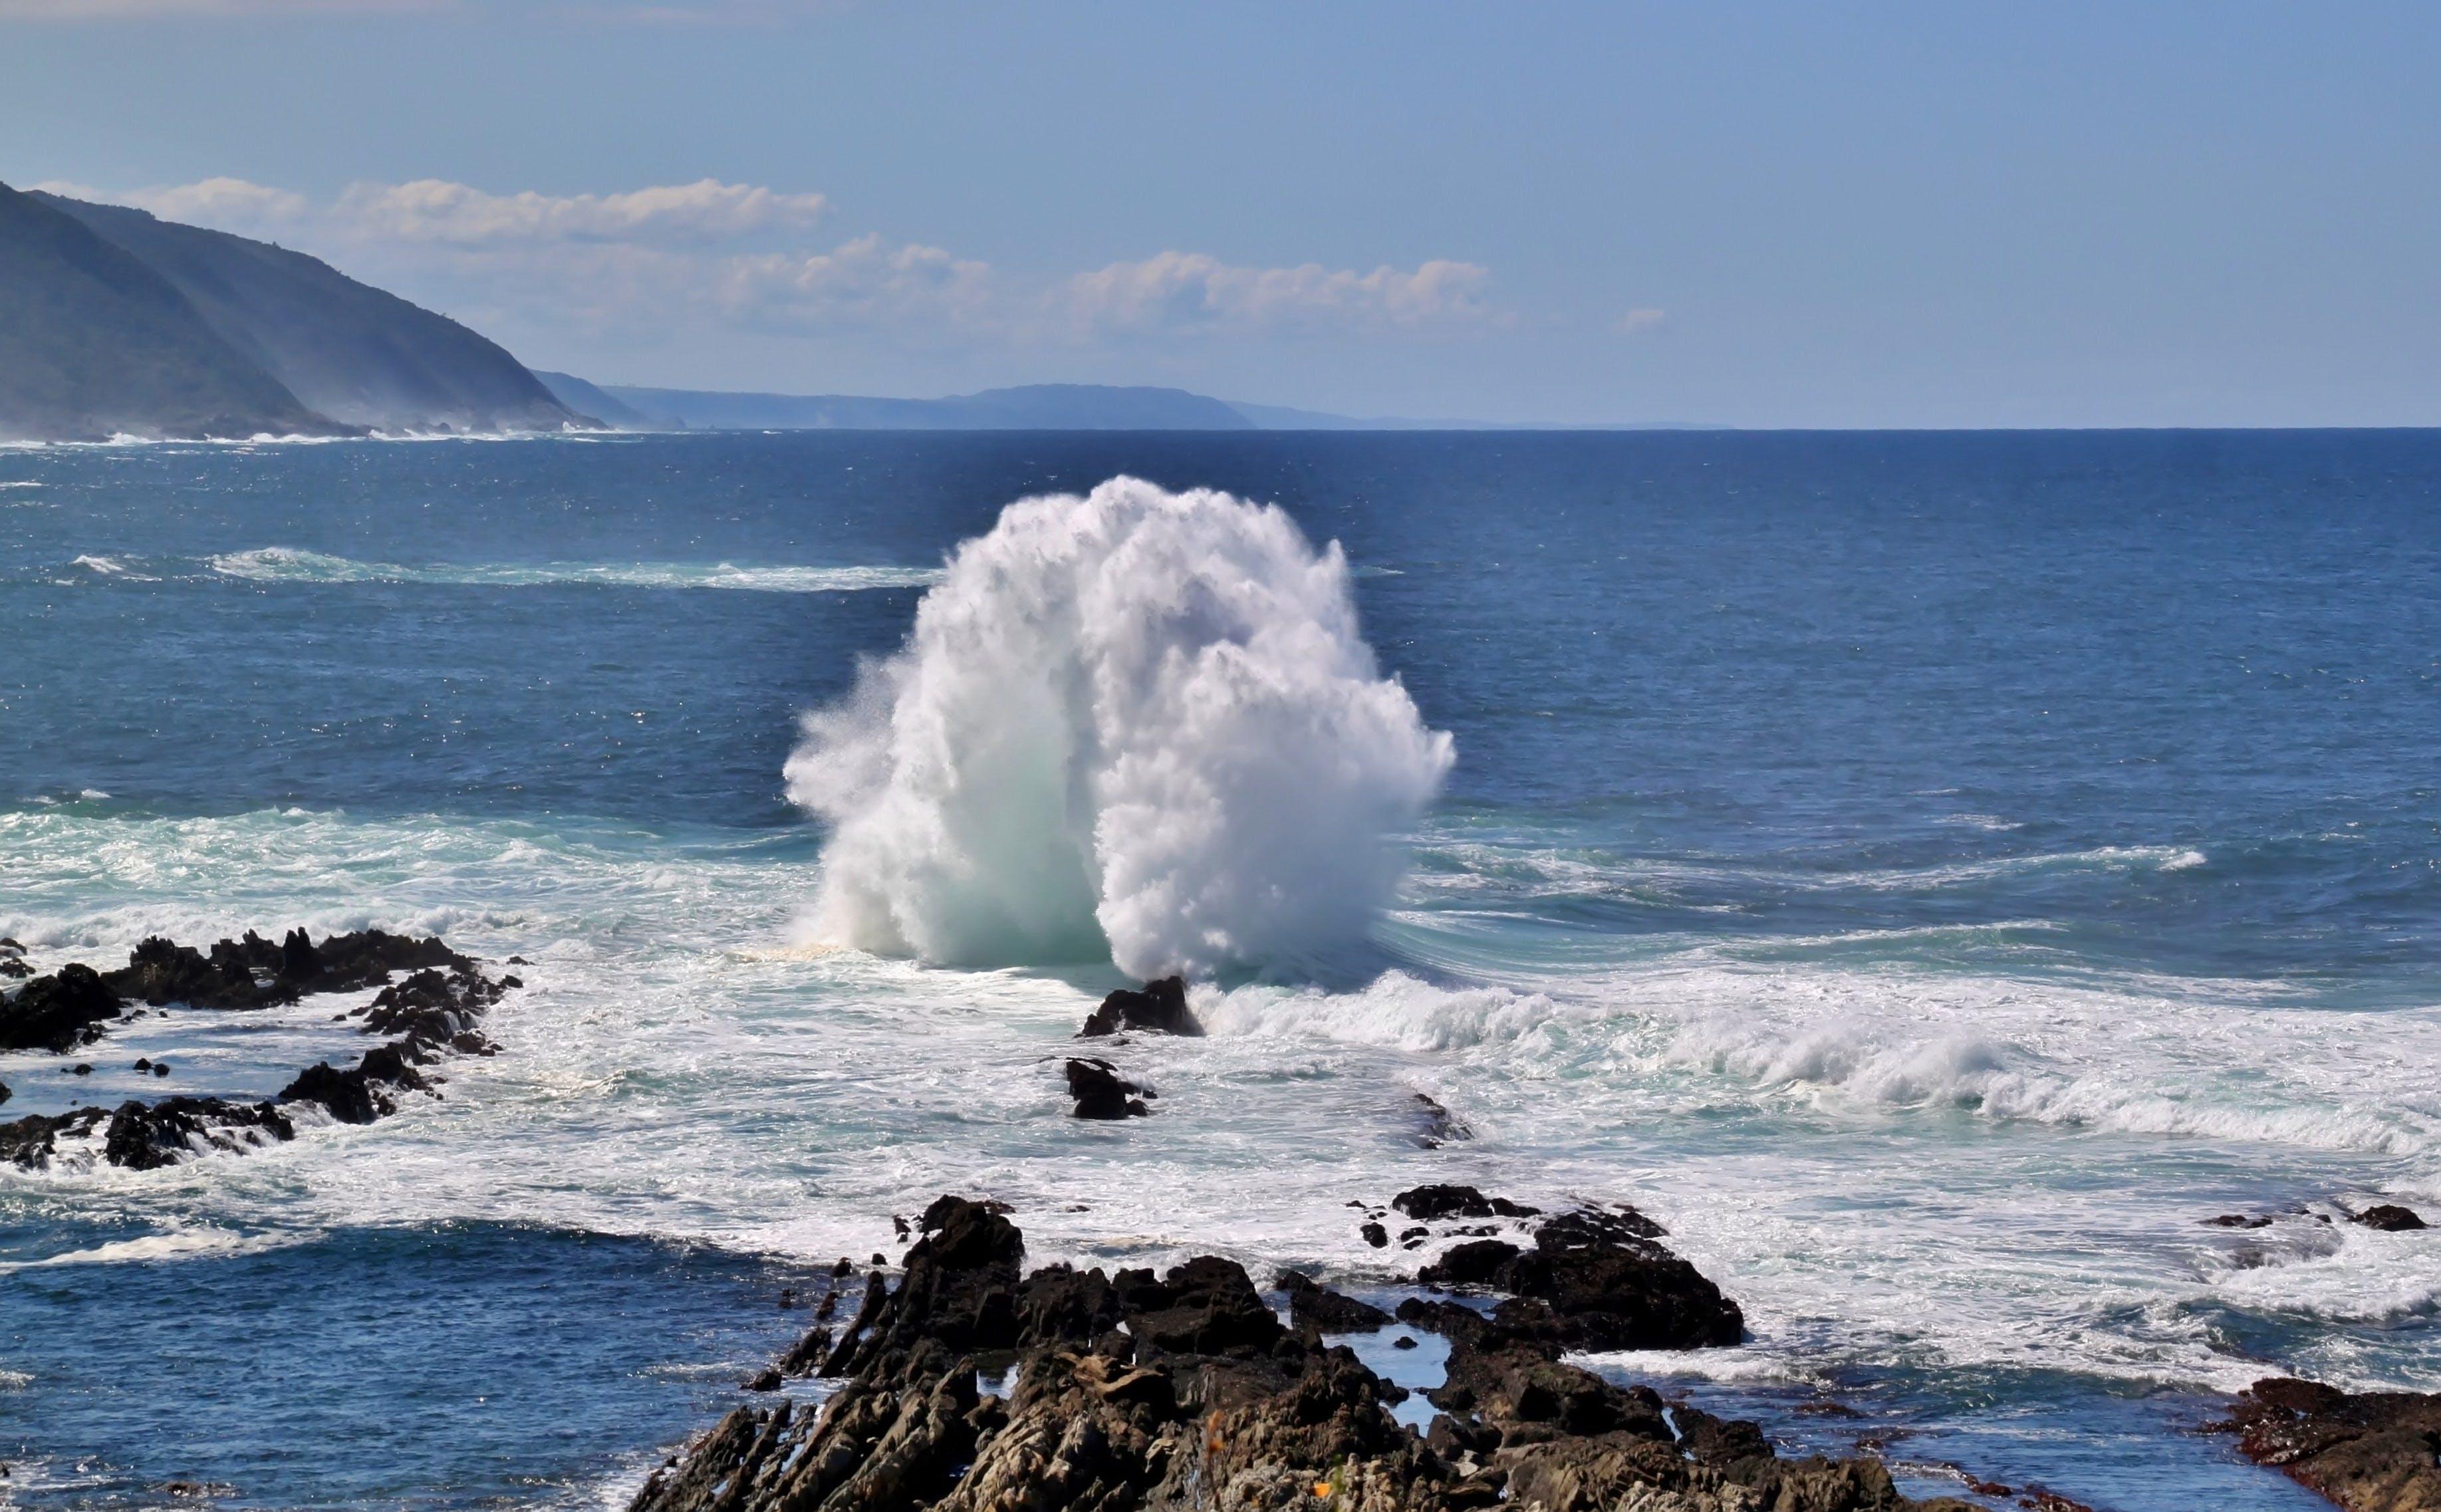 岩石, 水, 海, 海岸 的 免费素材照片